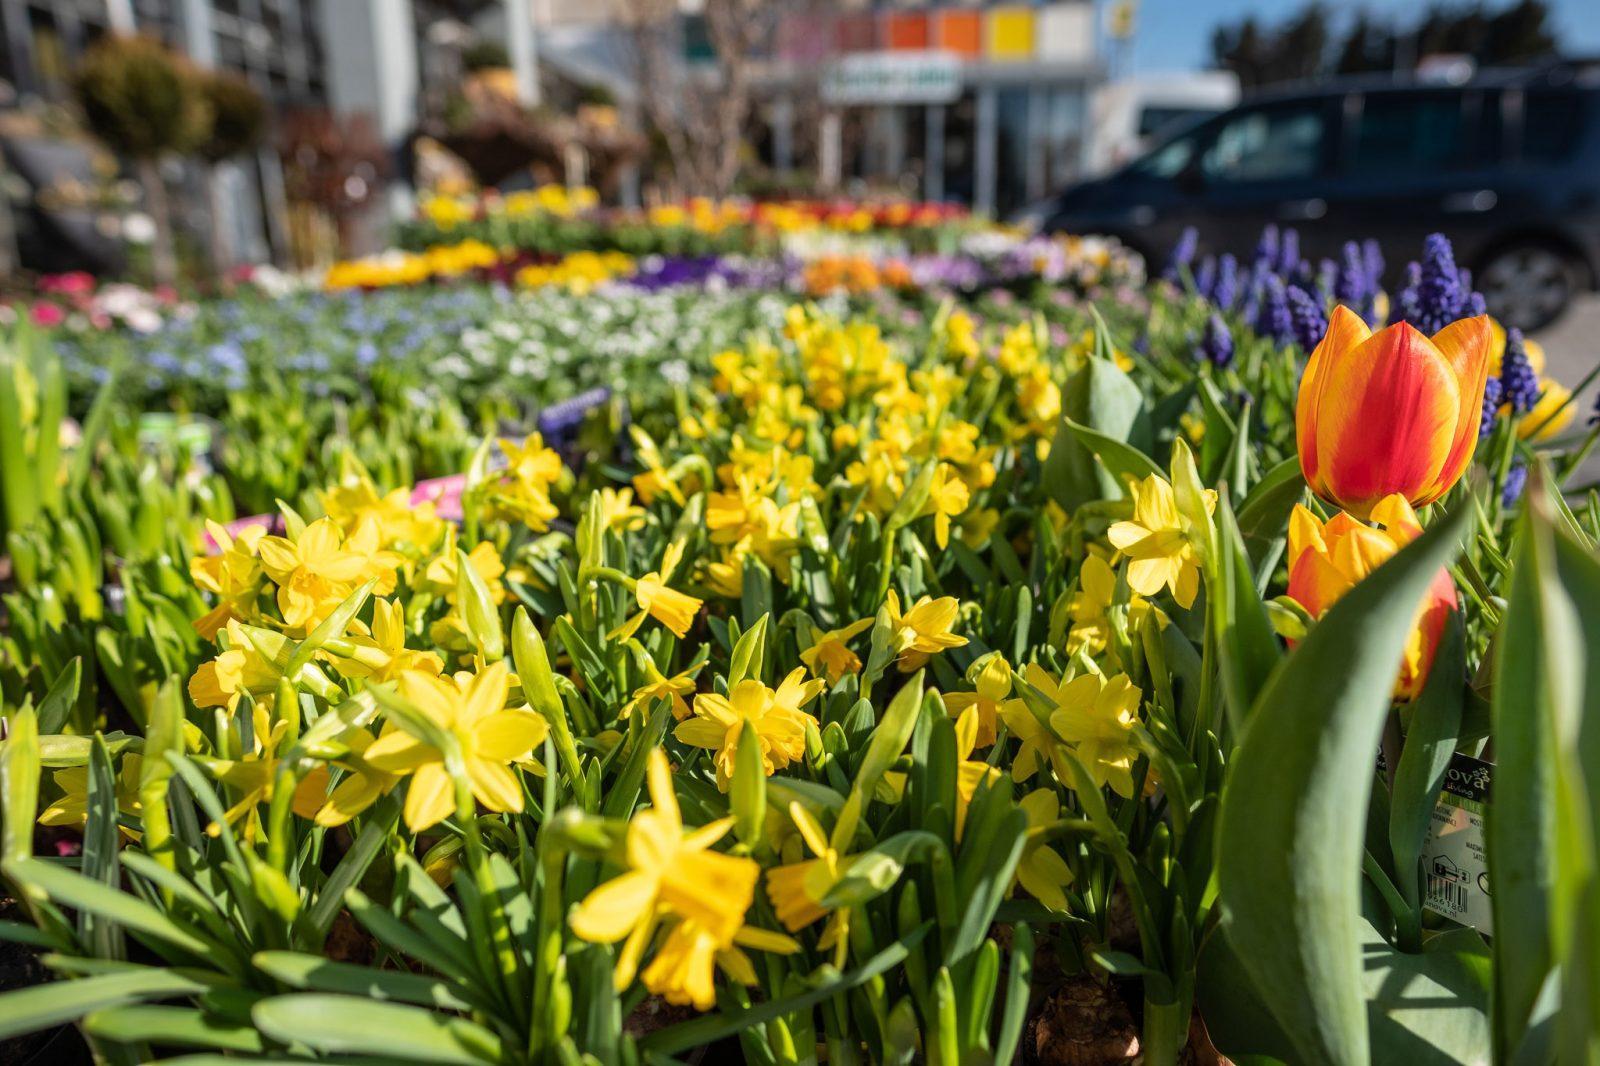 Gartentipps Marz Fruhlingserwachen Blumen Ruprecht Gleisdorf